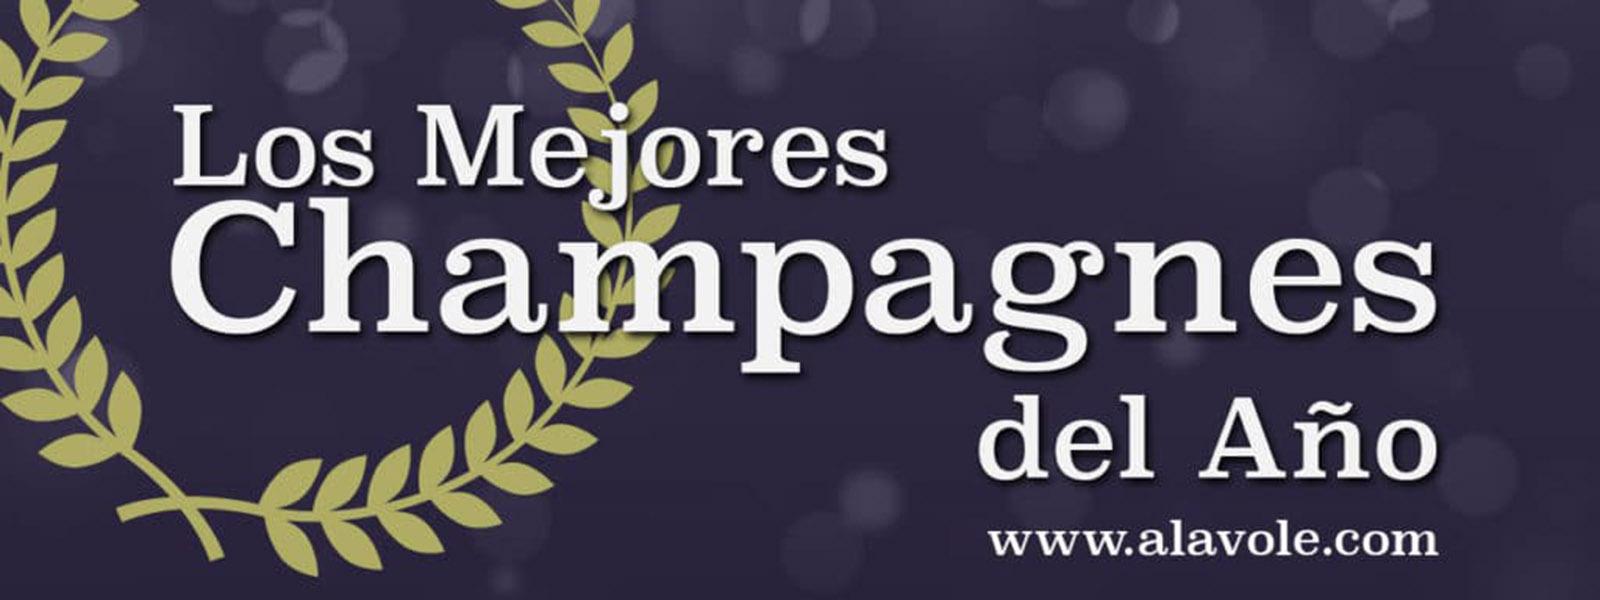 Los 10 Mejores Champagnes del Año